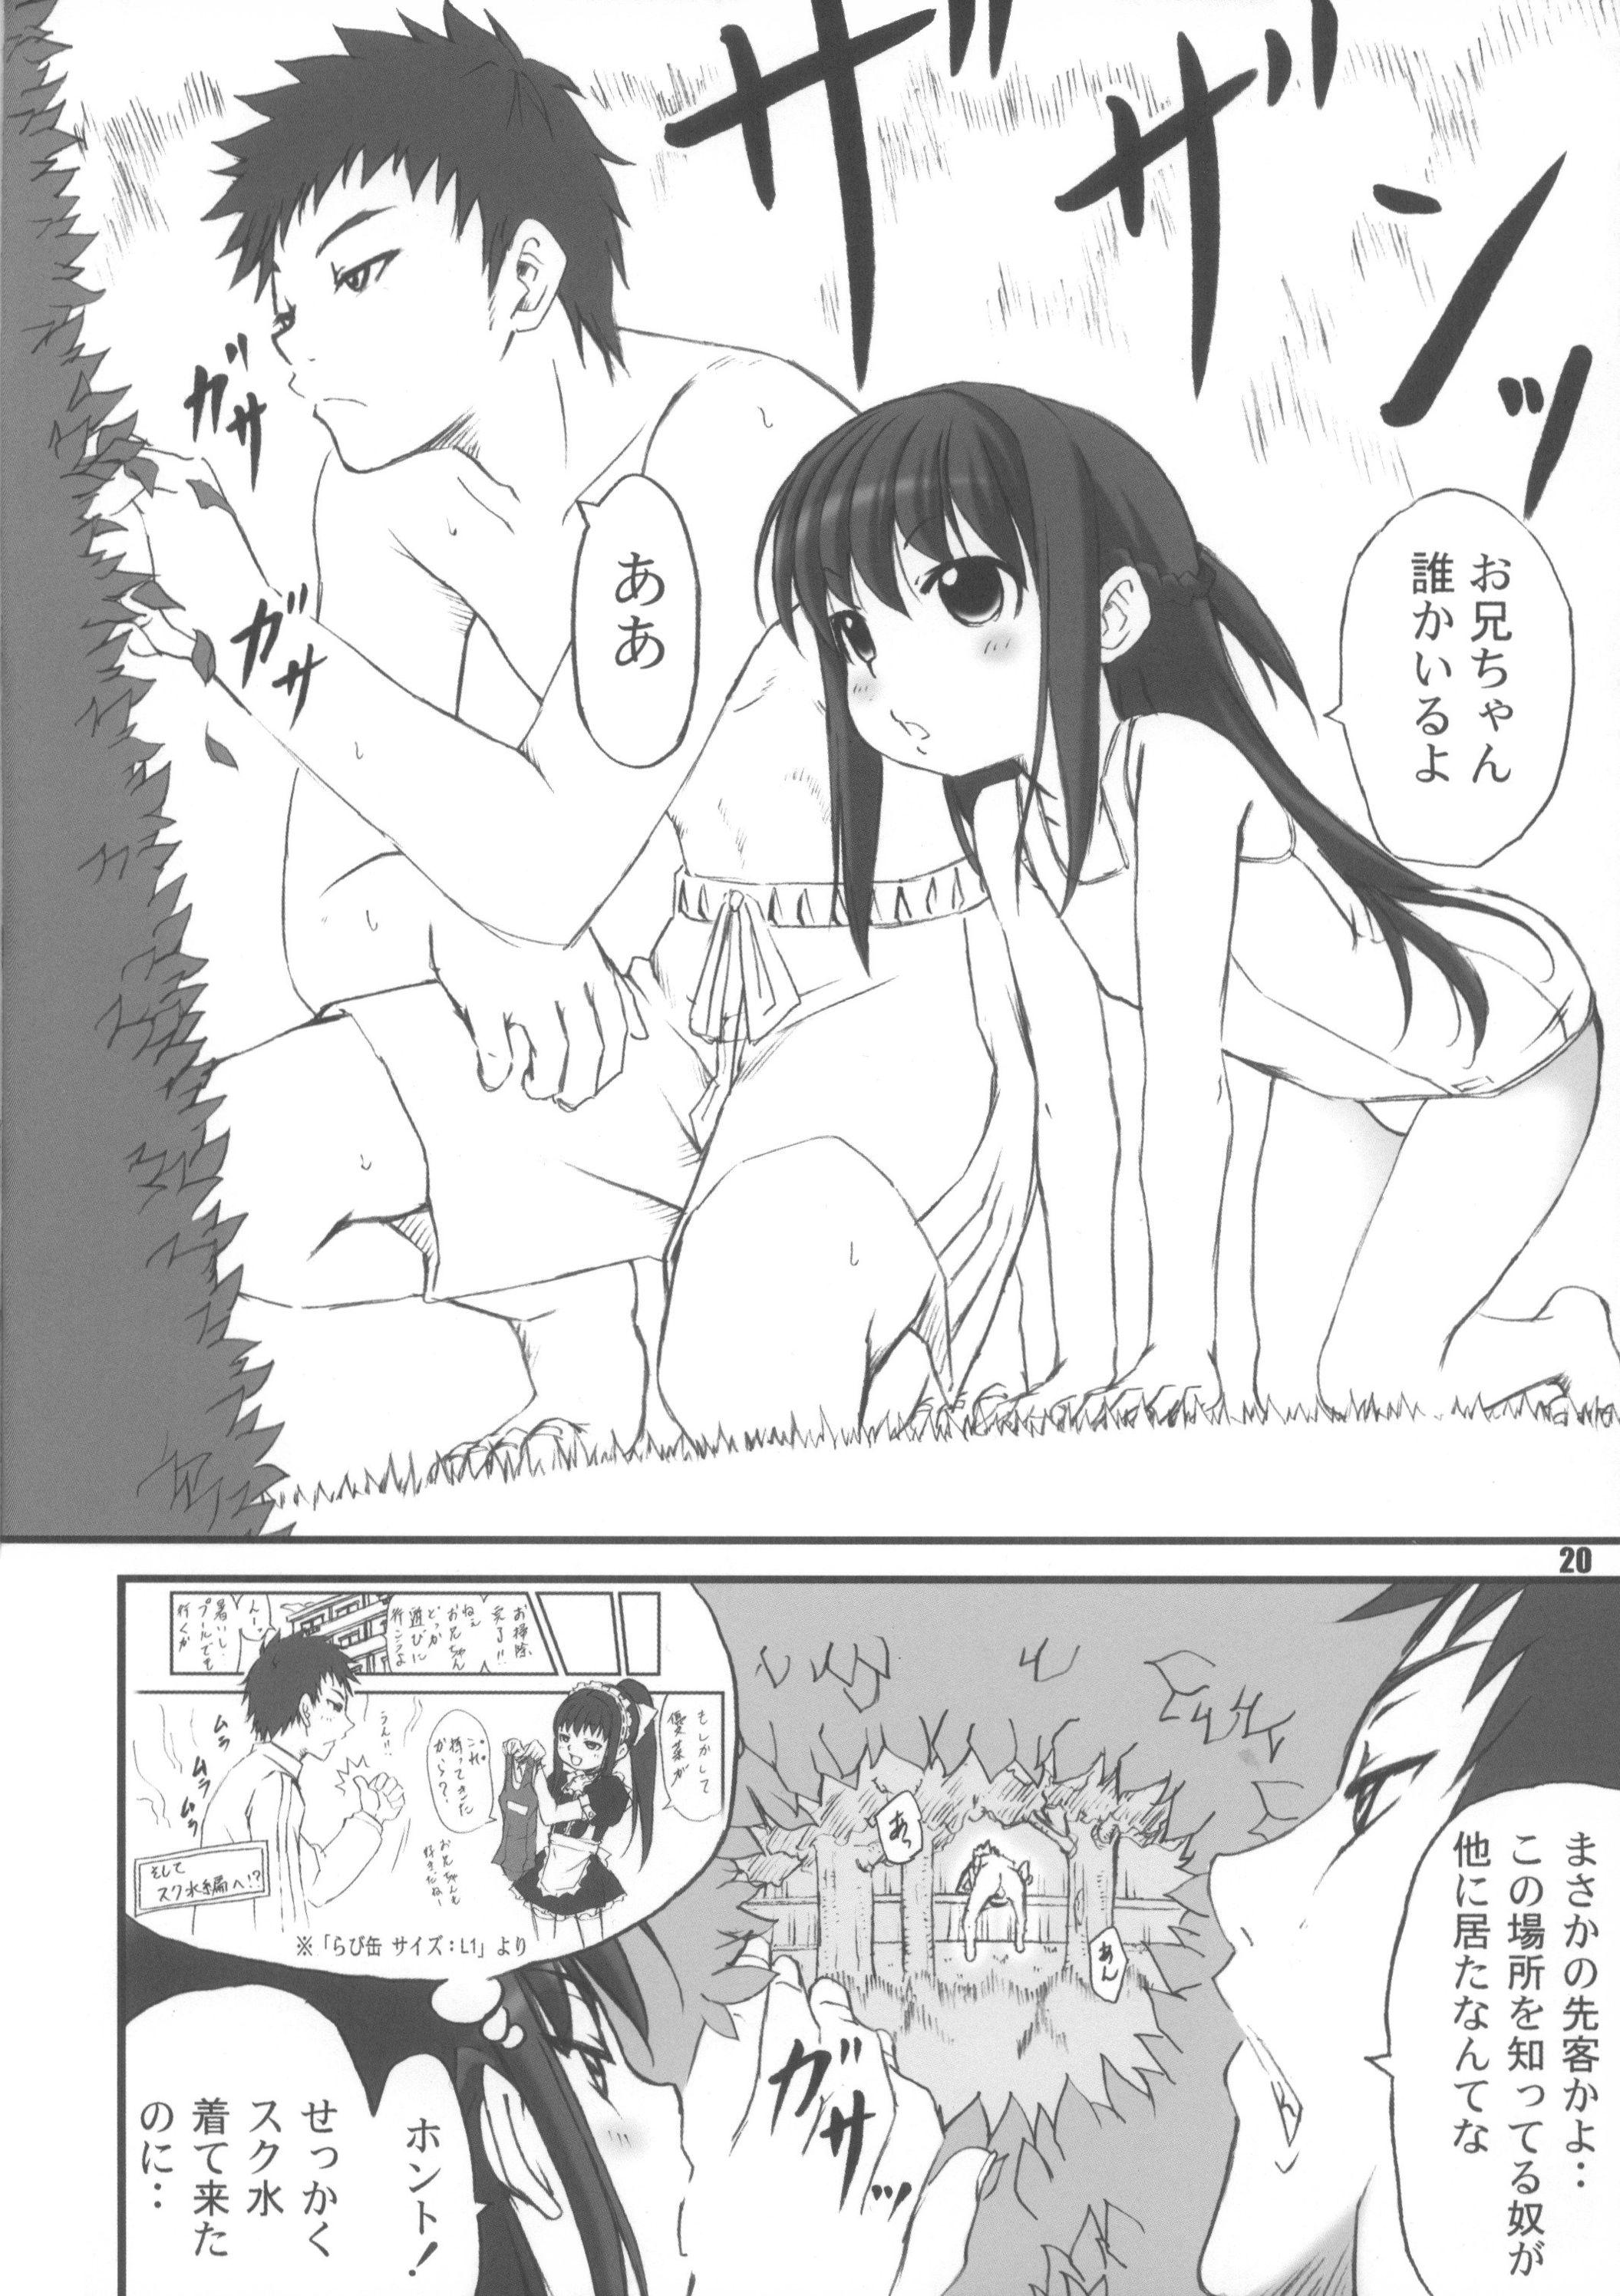 【エロ漫画】スクール水着の幼女と青姦アナルセックス☆ロリのケツ穴サイコー♫【無料 エロ同人誌】 (18)